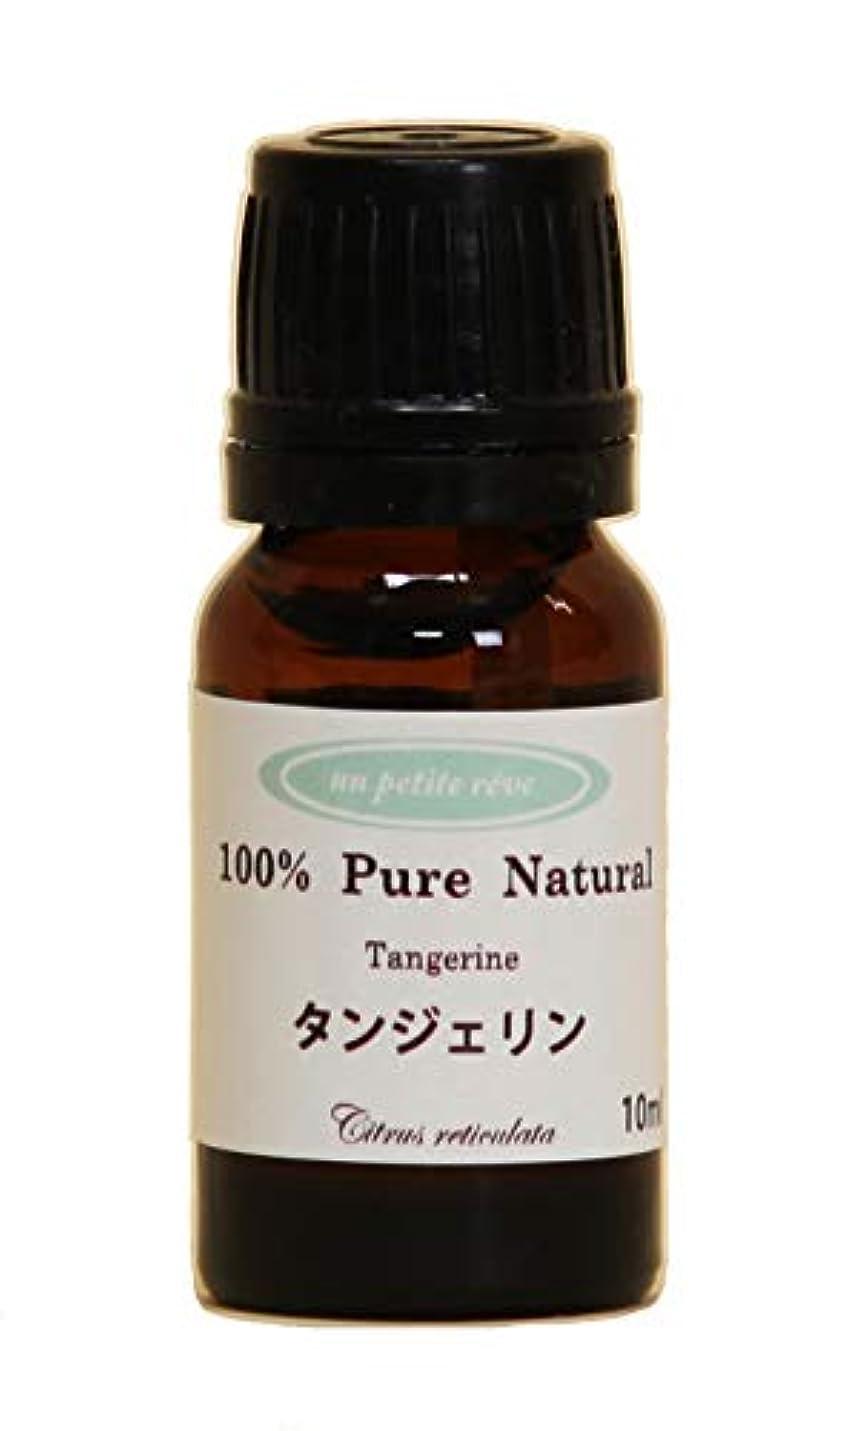 リネン仲介者一貫したタンジェリン  10ml 100%天然アロマエッセンシャルオイル(精油)